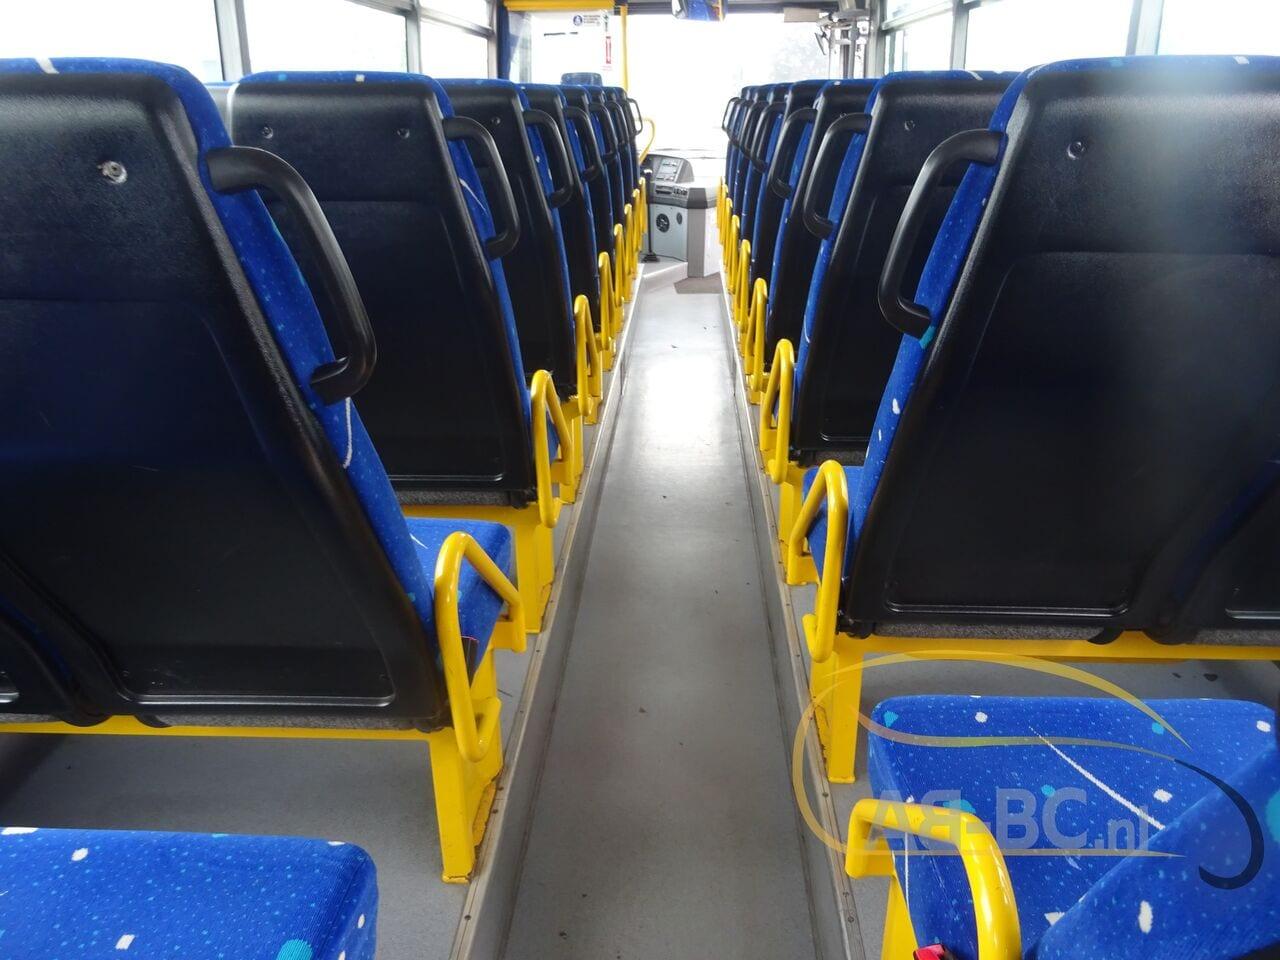 interurban-busIVECO-Irisbus-Recreo-64-Seats---1626160214670605339_big_2a84ad61708306286057f931974ed38c--21071309575983154500